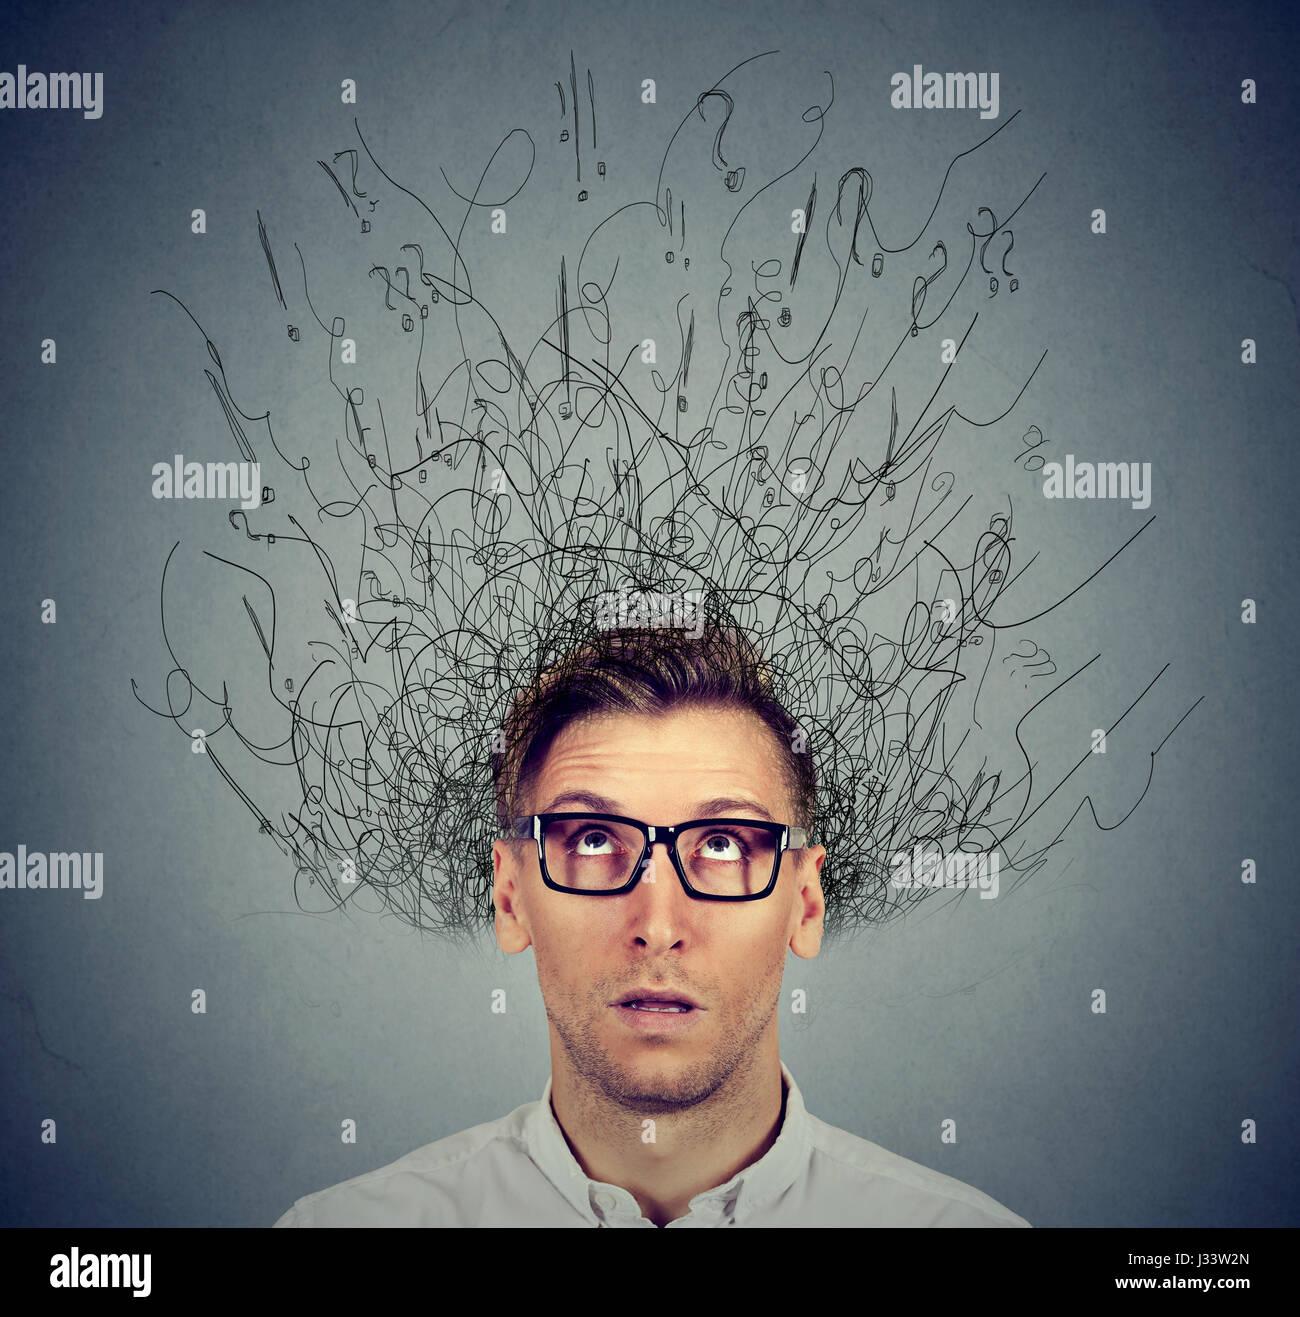 junger Mann mit besorgt gestresster Gesichtsausdruck und Gehirn schmelzen in Linien Fragezeichen. Obsessive compulsive, Stockbild